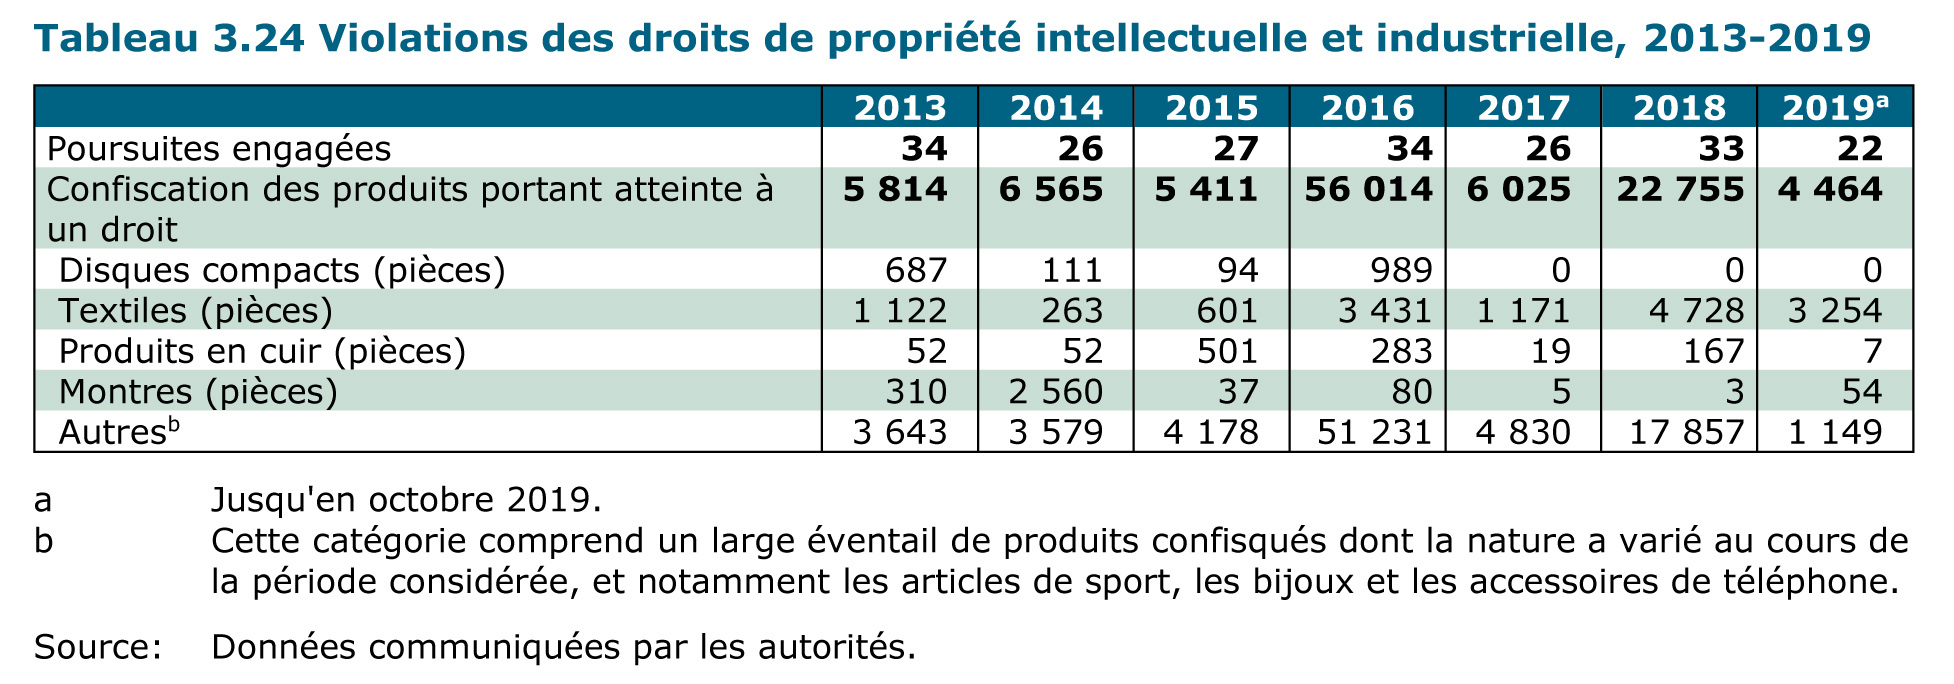 Violations des droits de propriété intellectuelle et industrielle, 2013-2019